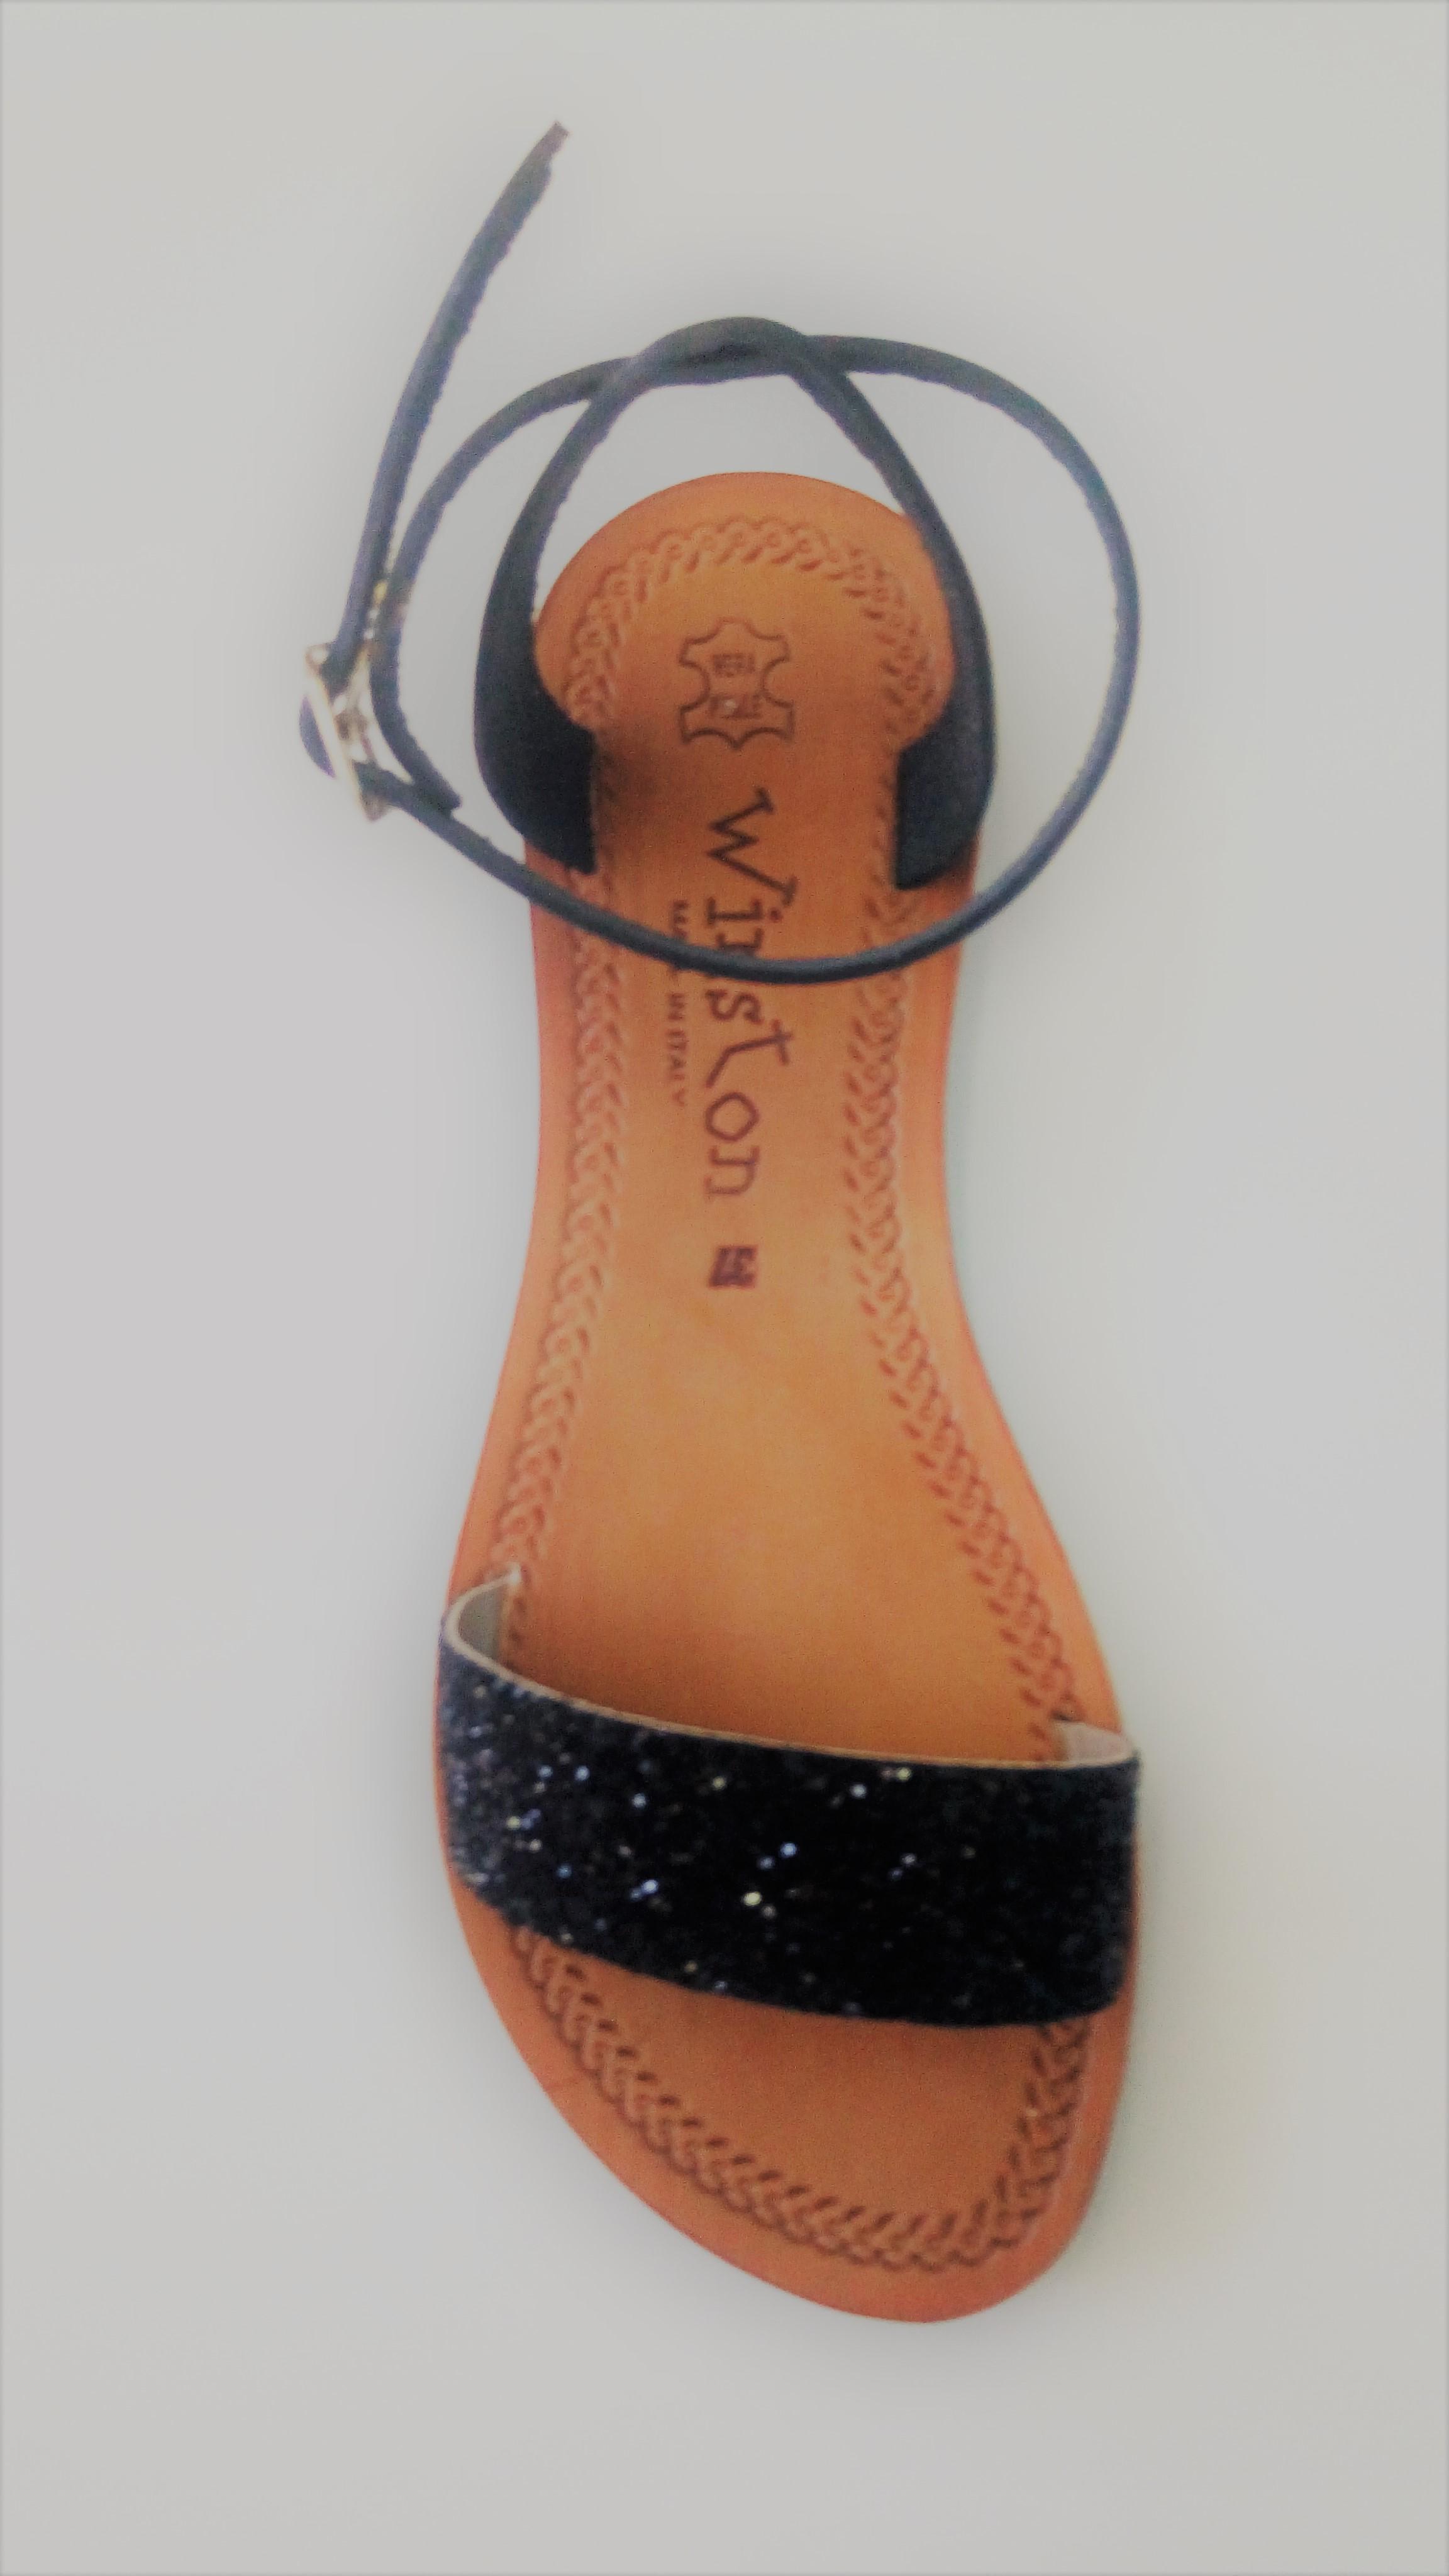 Sandali Donna Cuoio Da 6gyfb7vy Colore Glitter Nero Winston P0wXn8Ok